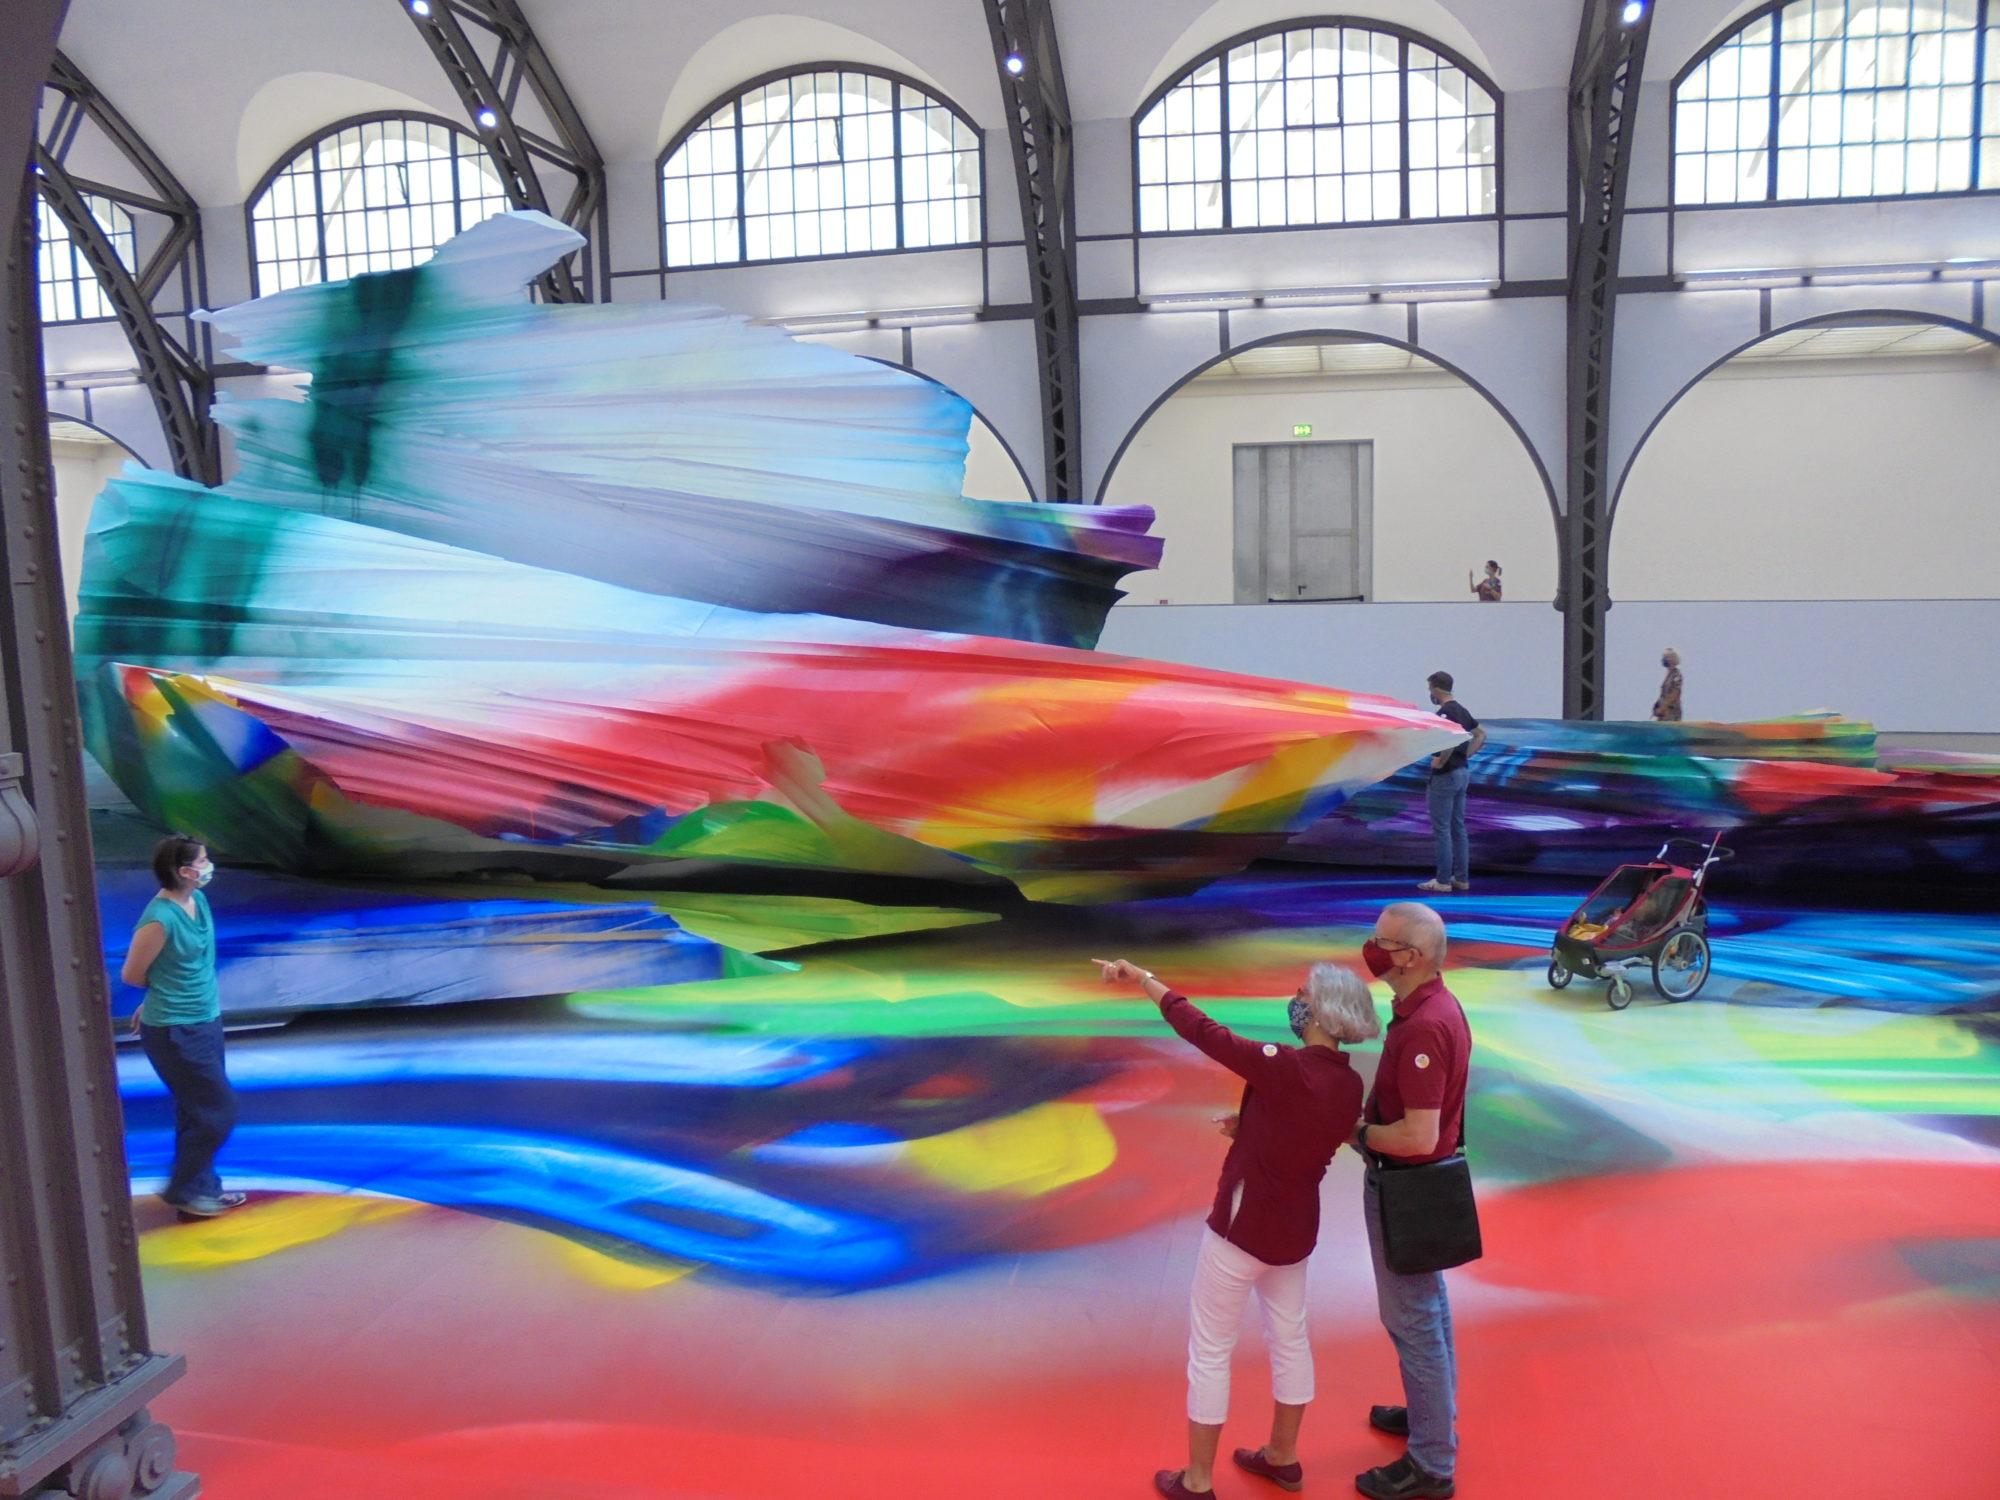 Grenzenlose Malerei von Katharina Grosse im Hamburger Bahnhof Nationalgalerie Berlin